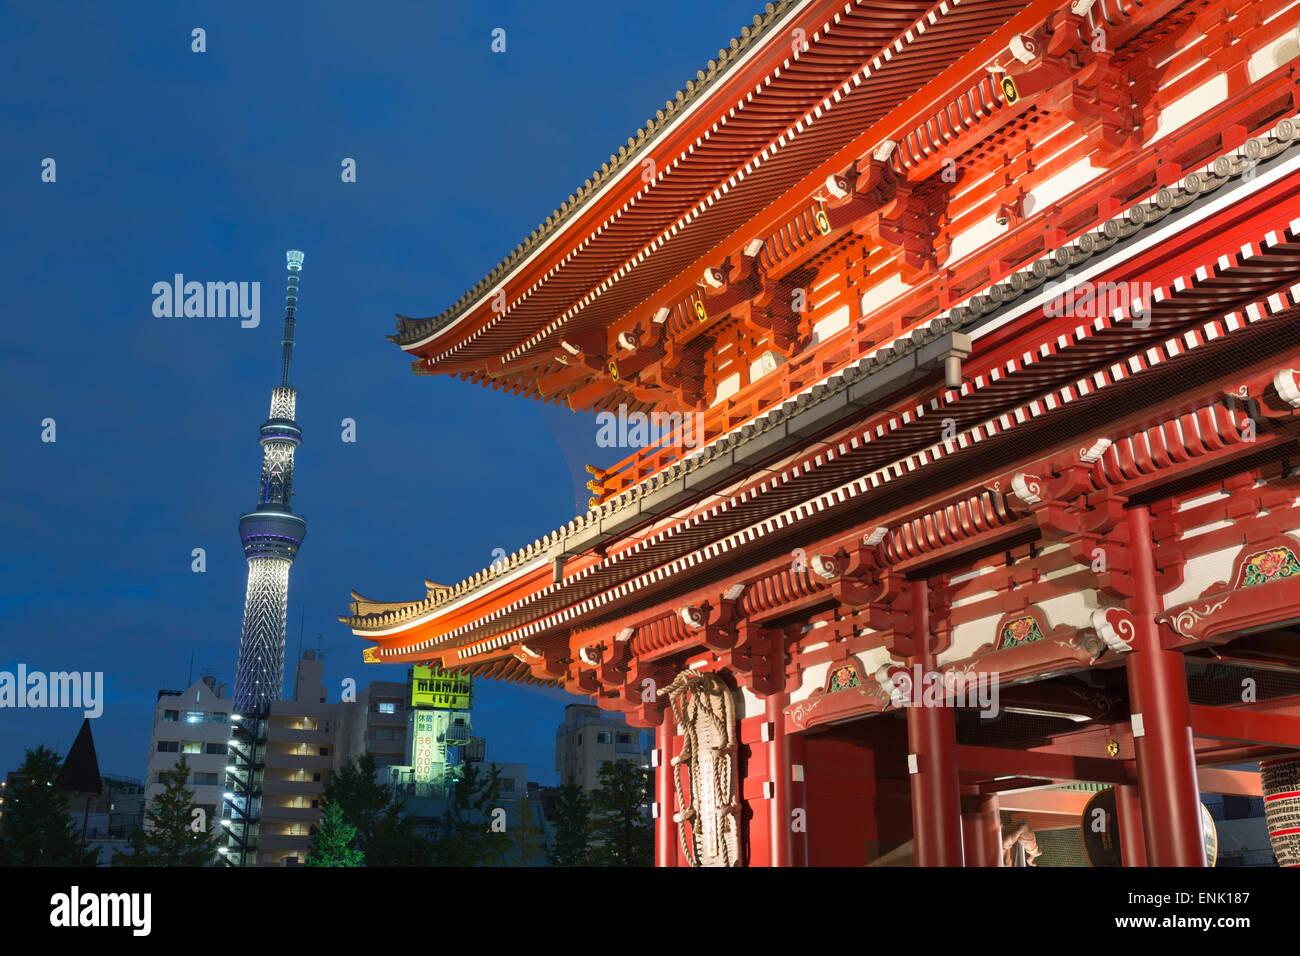 Senso-Ji Tempel und Skytree Turm bei Nacht, Asakusa, Tokio, Japan, Asien Stockfoto